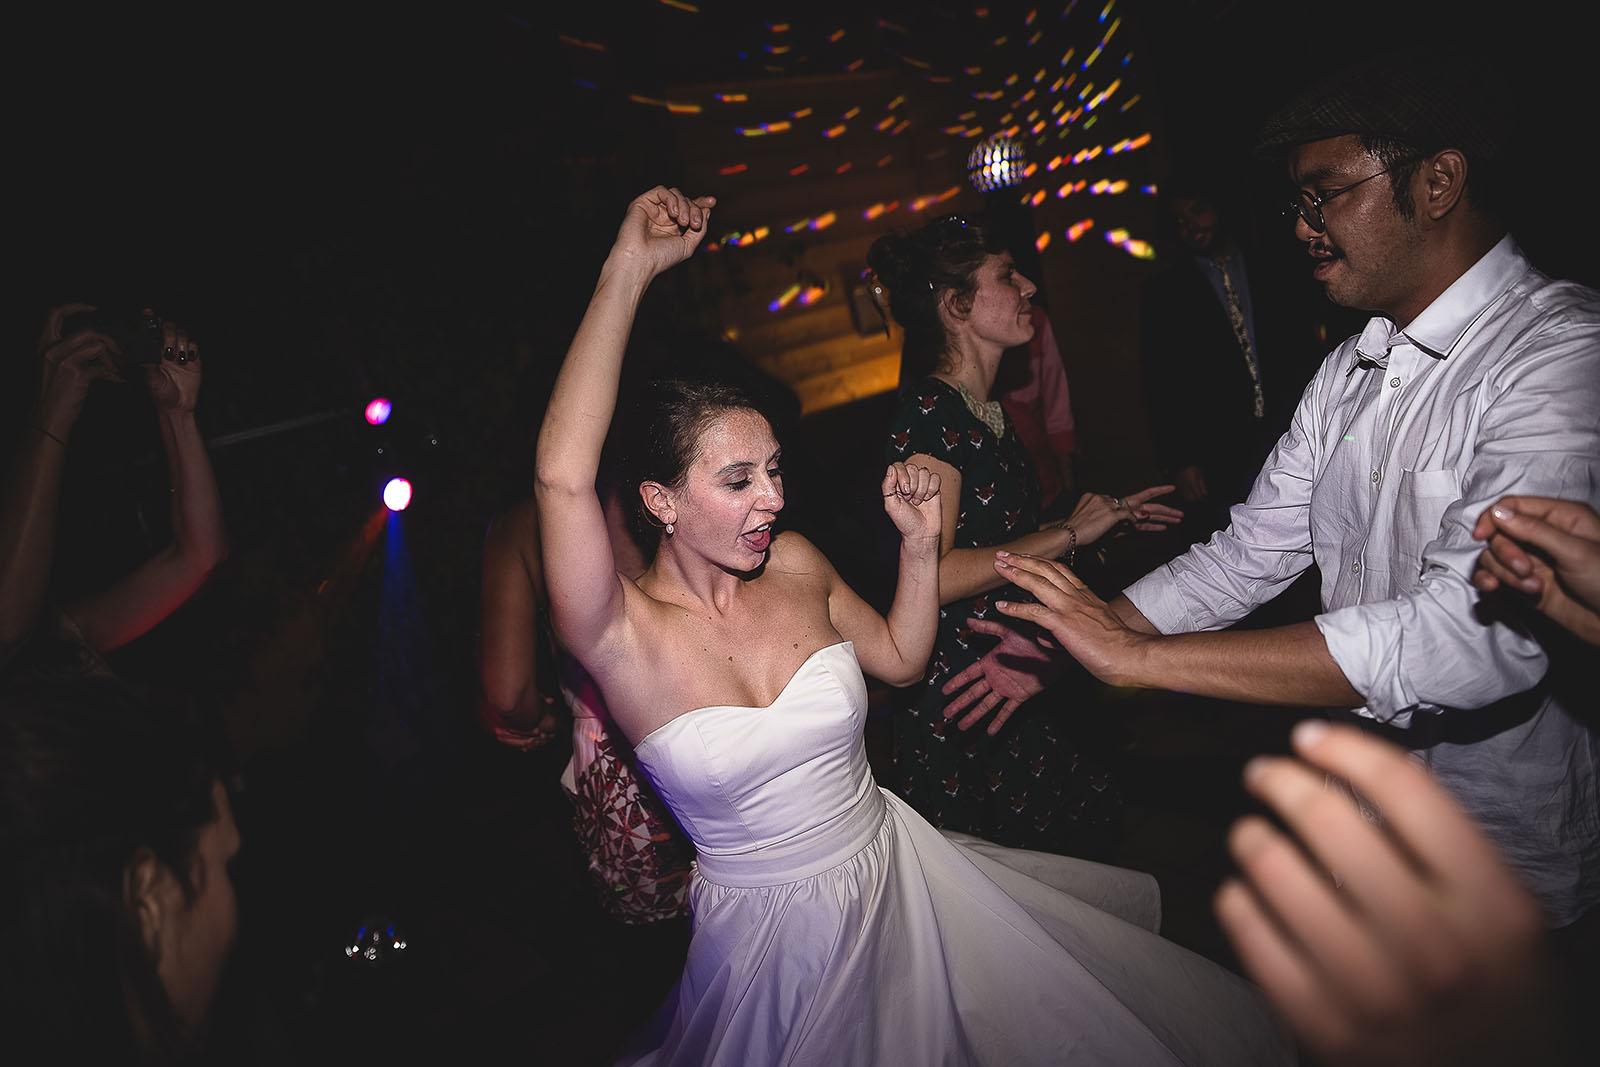 Mariage Manoir des Prévanches. David Pommier photographe de mariage. La mariée de lâche sur la piste de danse